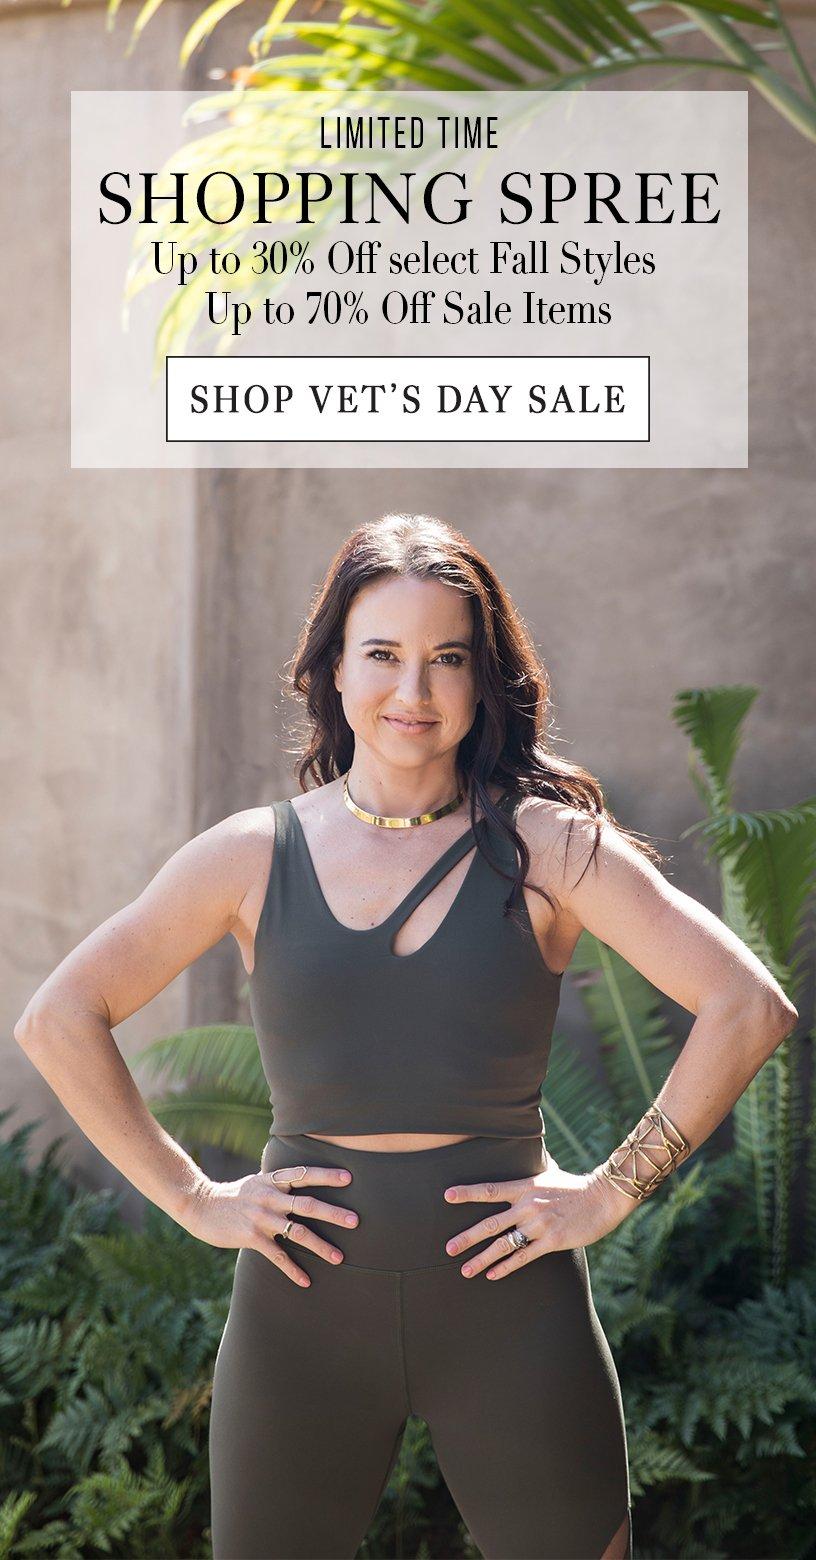 Vet's Day Sale